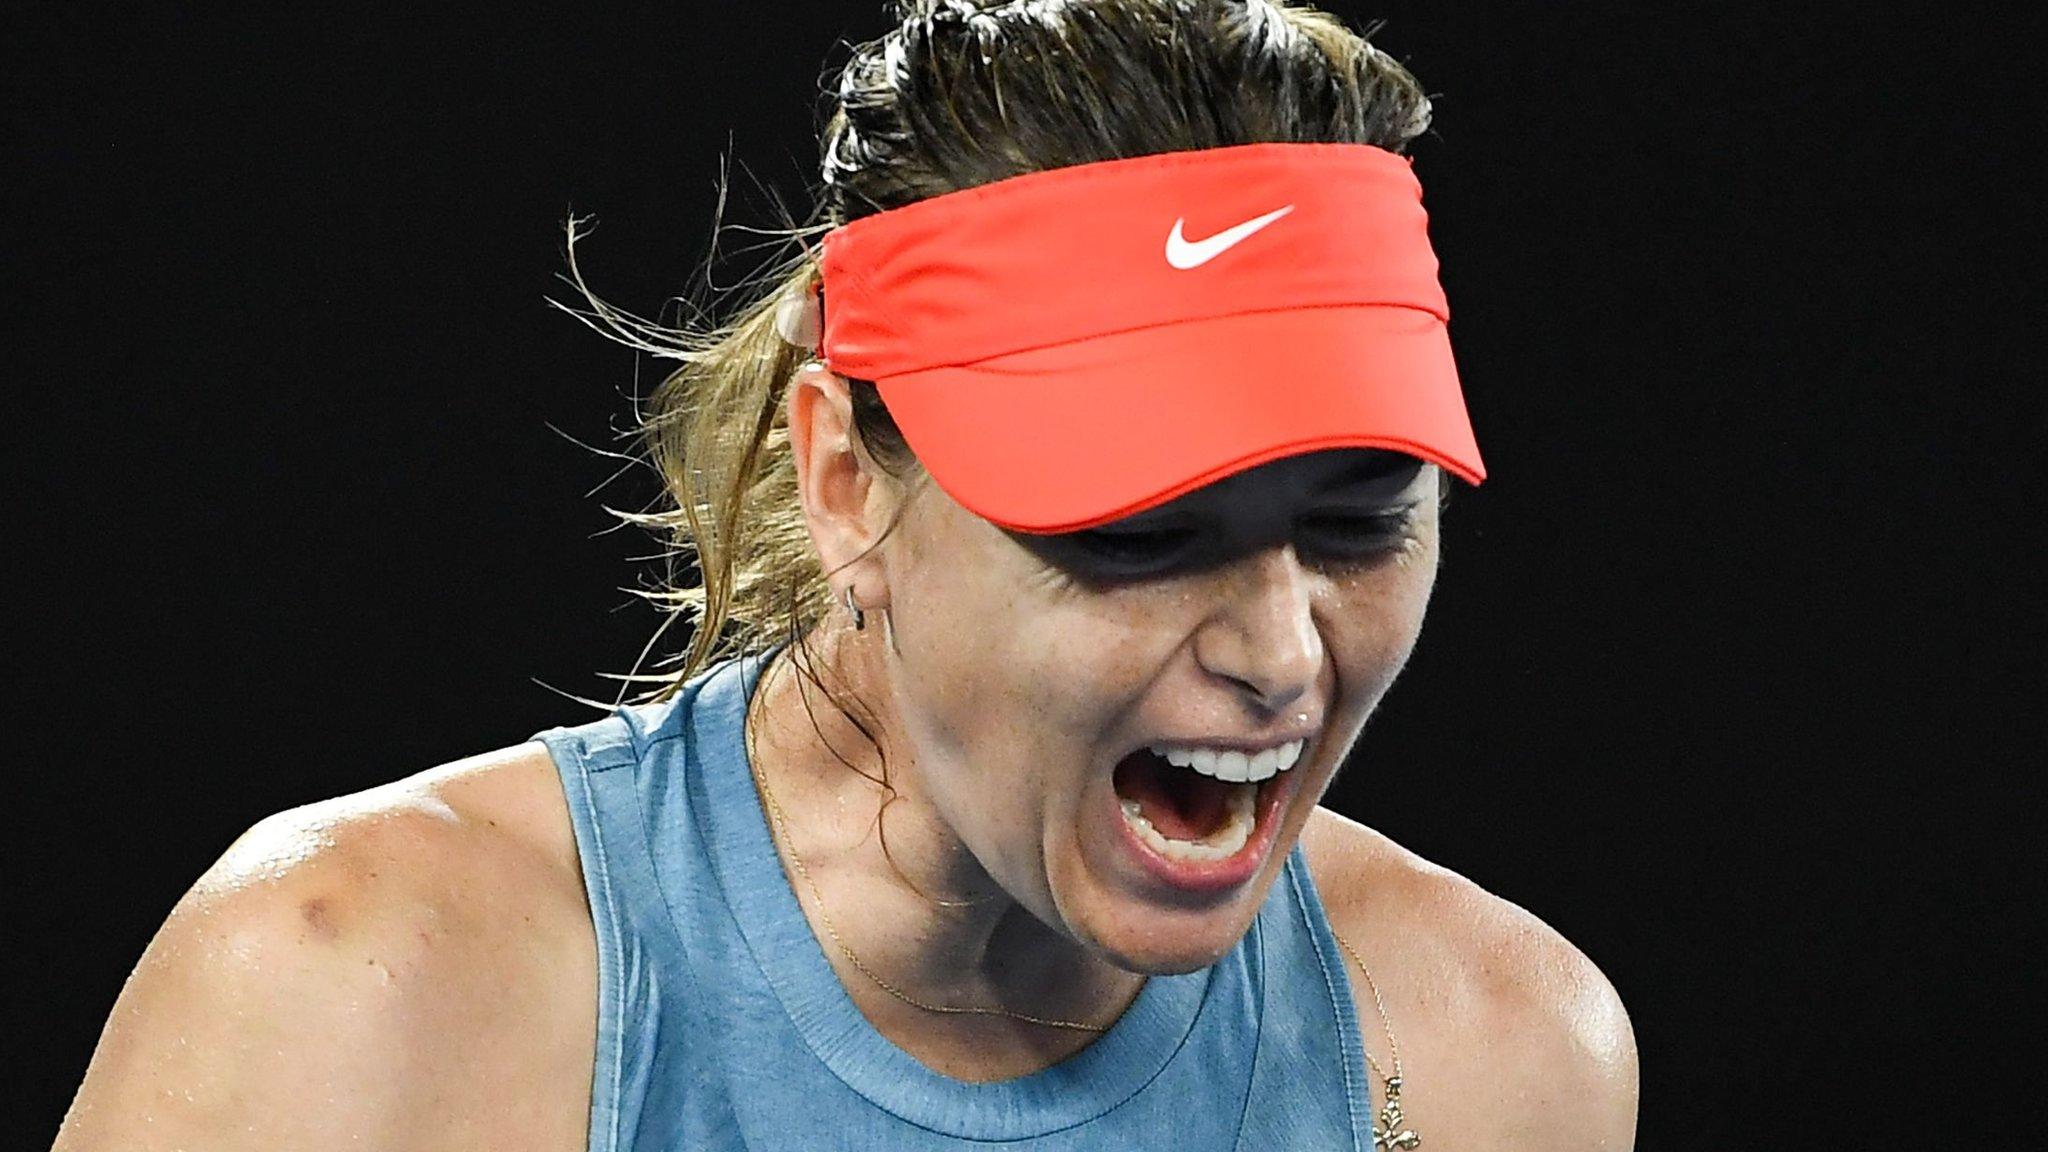 'Really rewarding win' - Sharapova beats champion Wozniacki